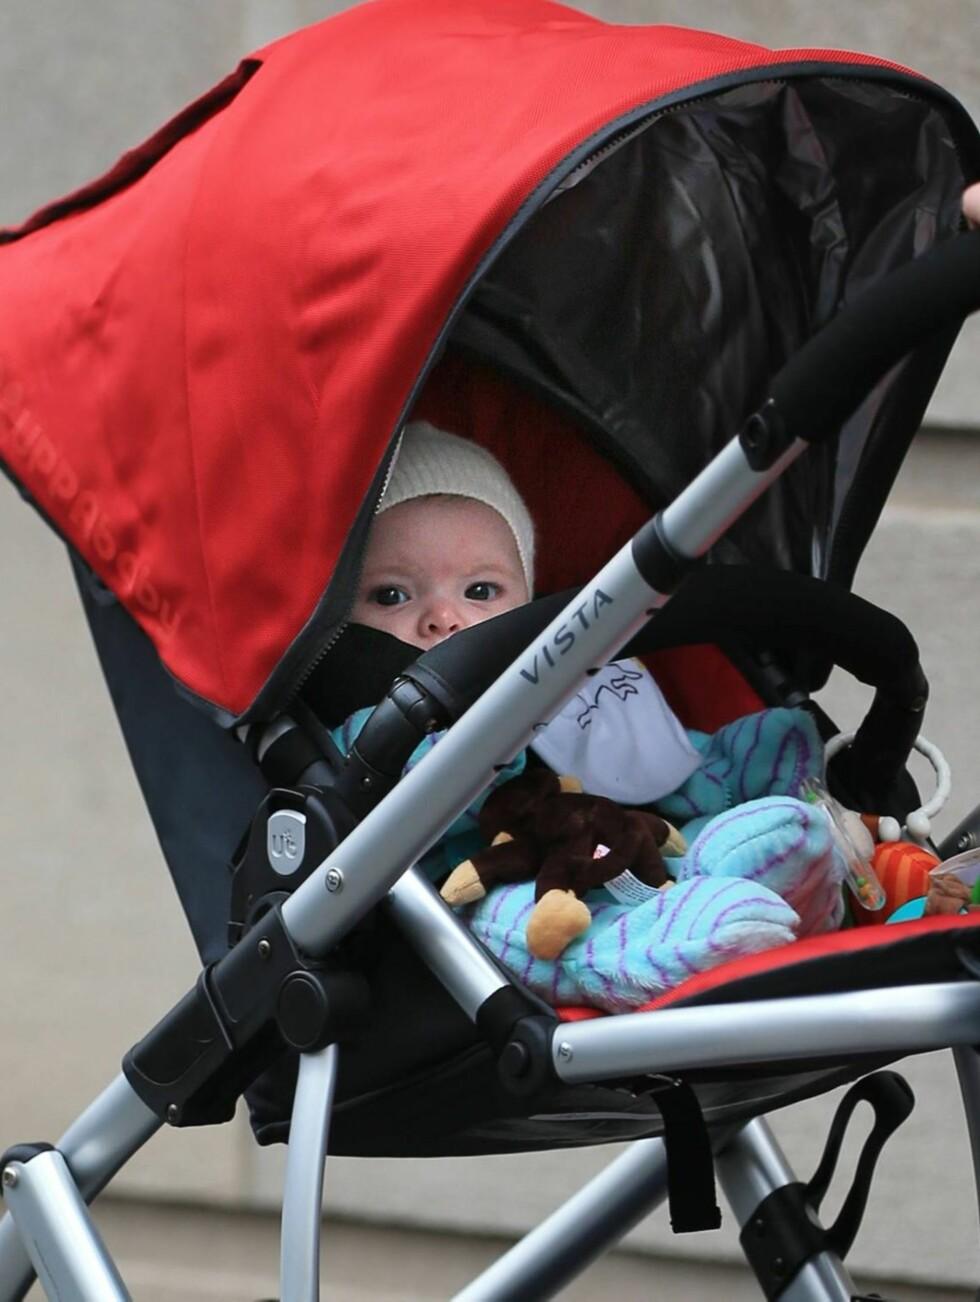 SØTNOS: Lille Olive Barrymore Kopelman er i dag nesten fire måneder. Her ligger hun i vogna, mens mamma og pappa triller henne rundt i New York. Foto: All Over Press